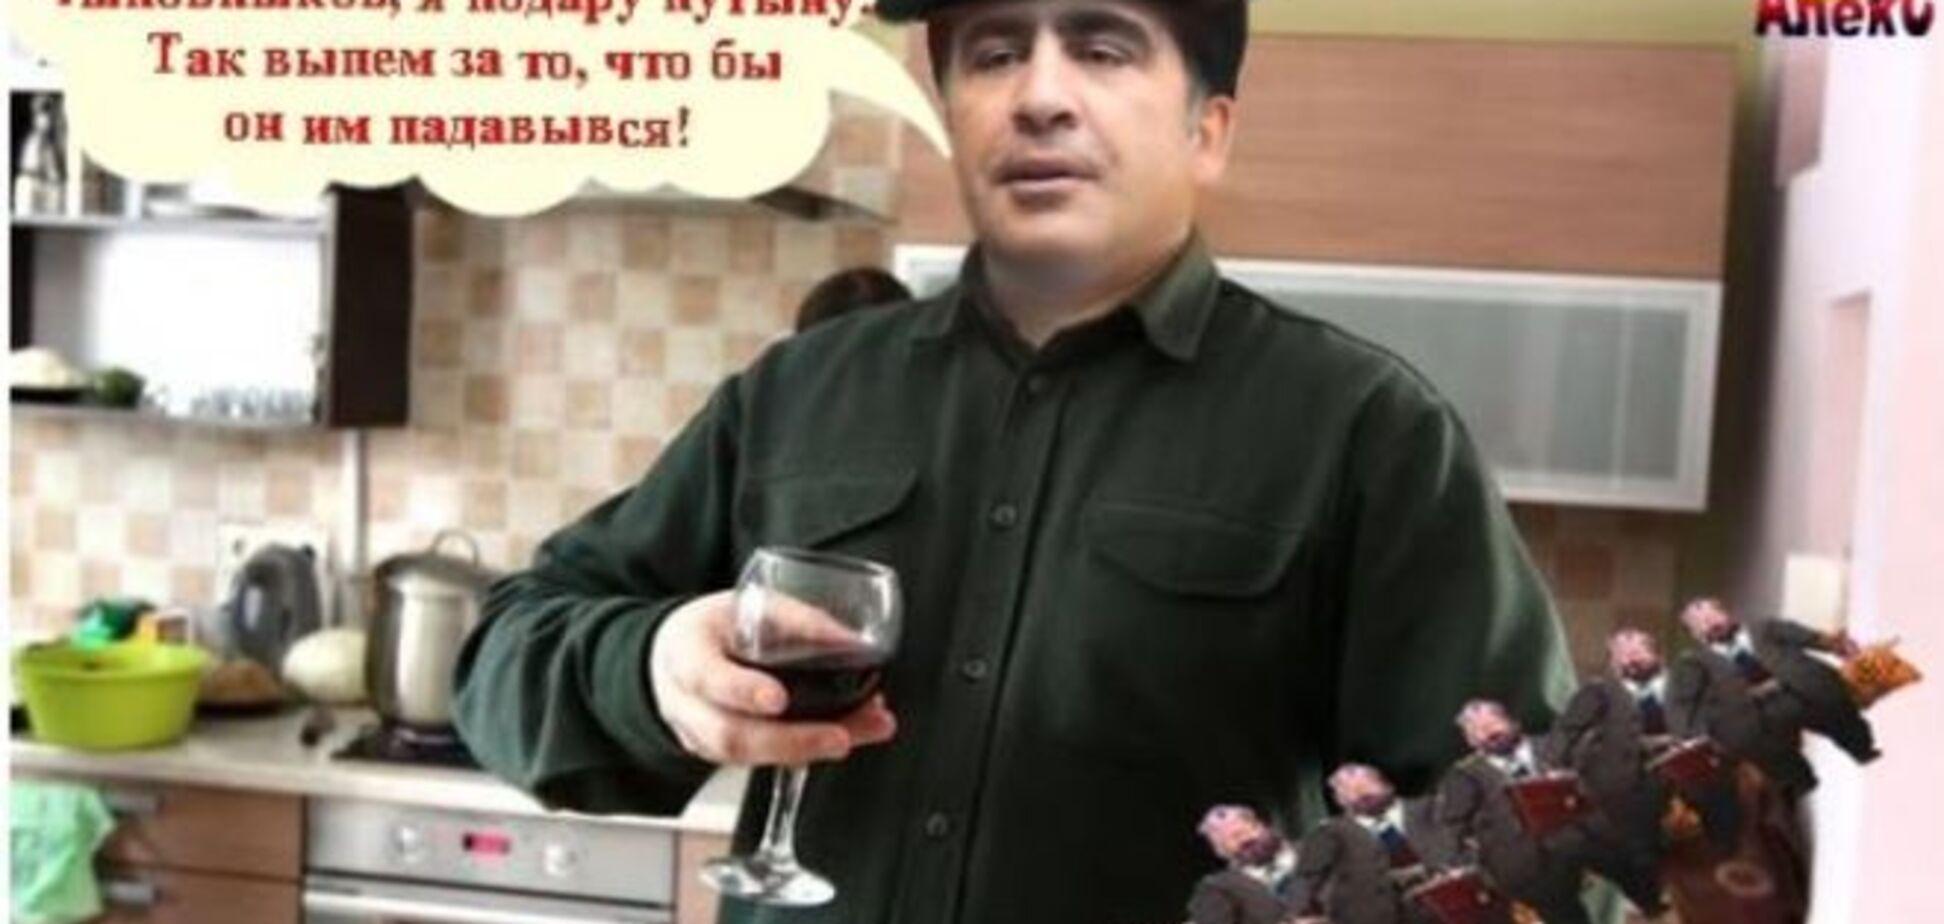 Шашлык от Саакашвили, 'шапито-шоу' и ограбленный Кобзон: о чем шутят соцсети в фотожабах